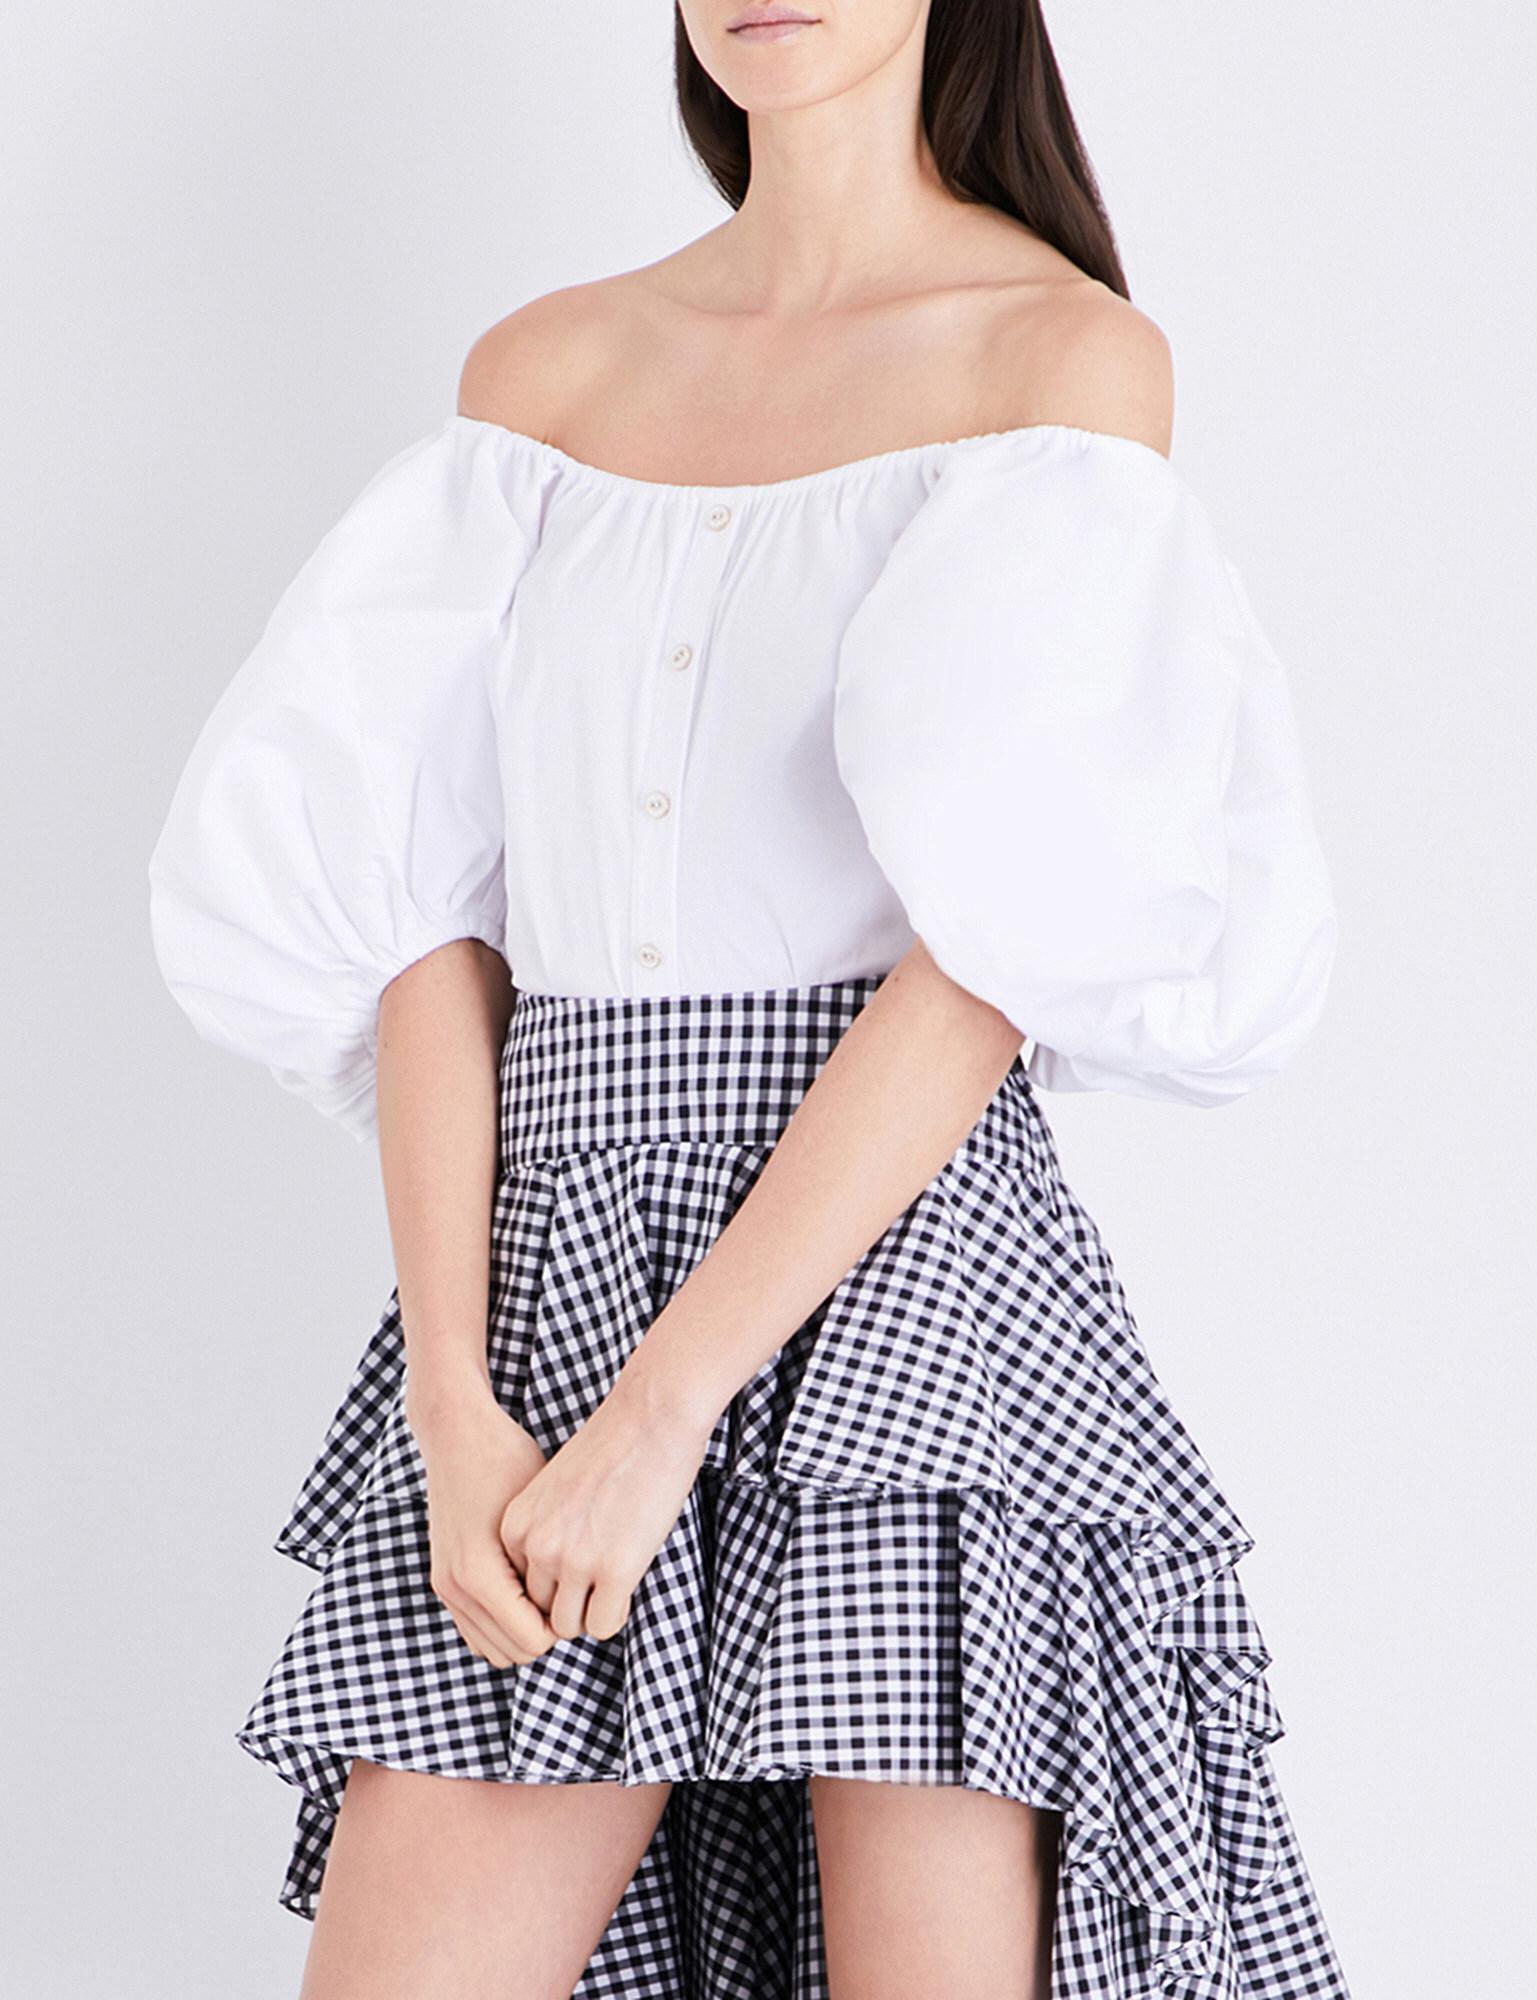 bc946d61db2af9 Lyst - Caroline Constas Jolie Off-the-shoulder Cotton-blend Top in White